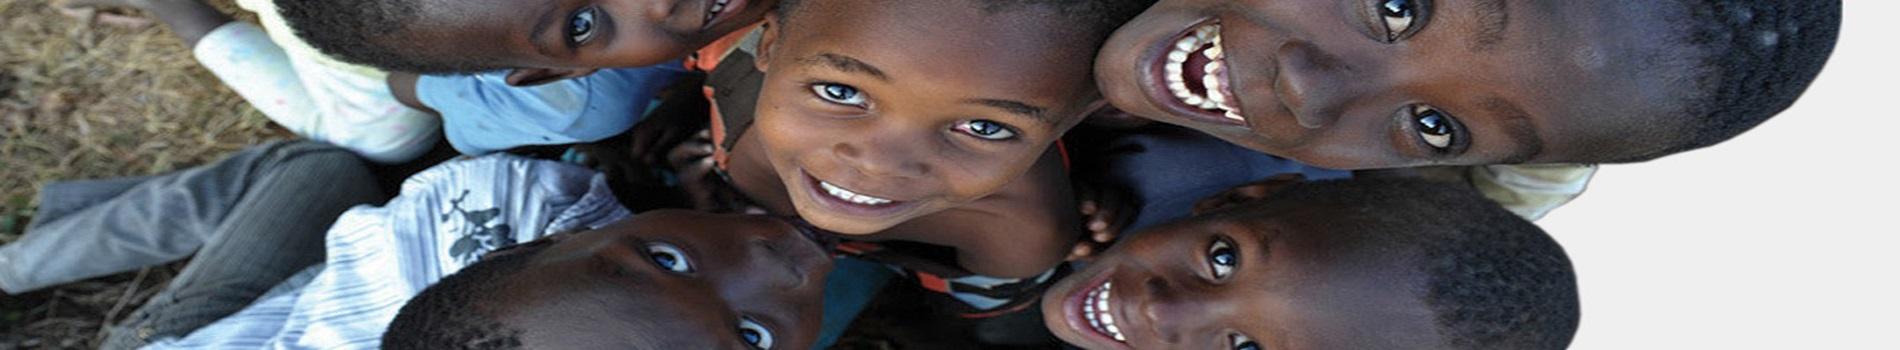 Impegno Sociale - Progetto Uganda